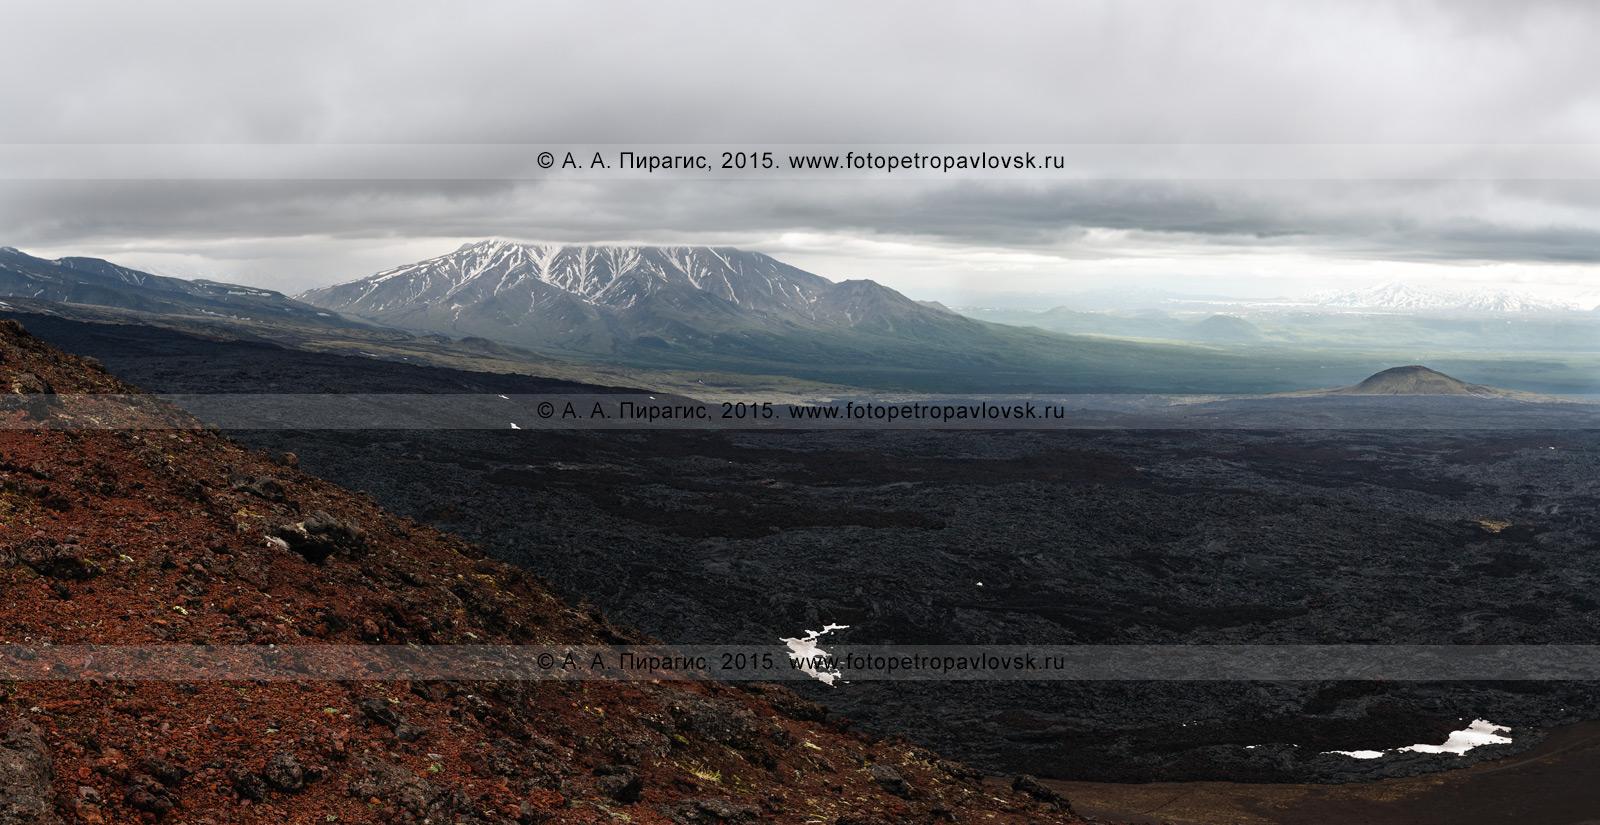 Фотография: вулканический пейзаж Камчатки, вид на вулкан Большая Удина (Bolshaya Udina Volcano) и Толбачинский дол, лавовый поток трещинного извержения вулкана Плоский Толбачик